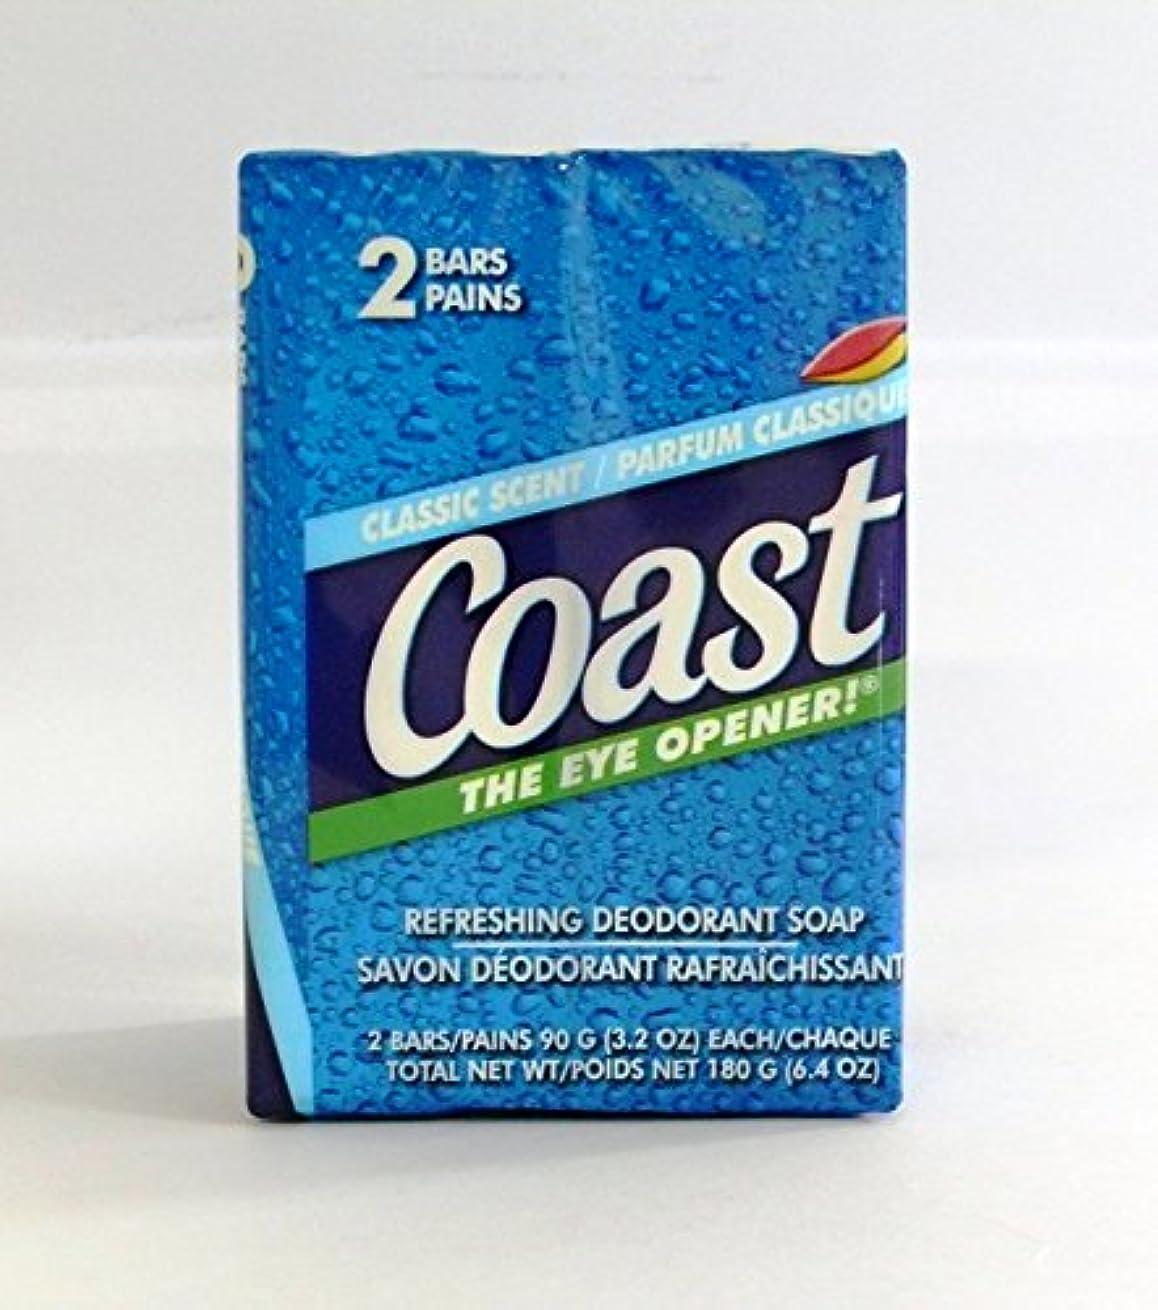 ご注意リットル出血コースト 固形石鹸 クラシックセント 90g 2個入